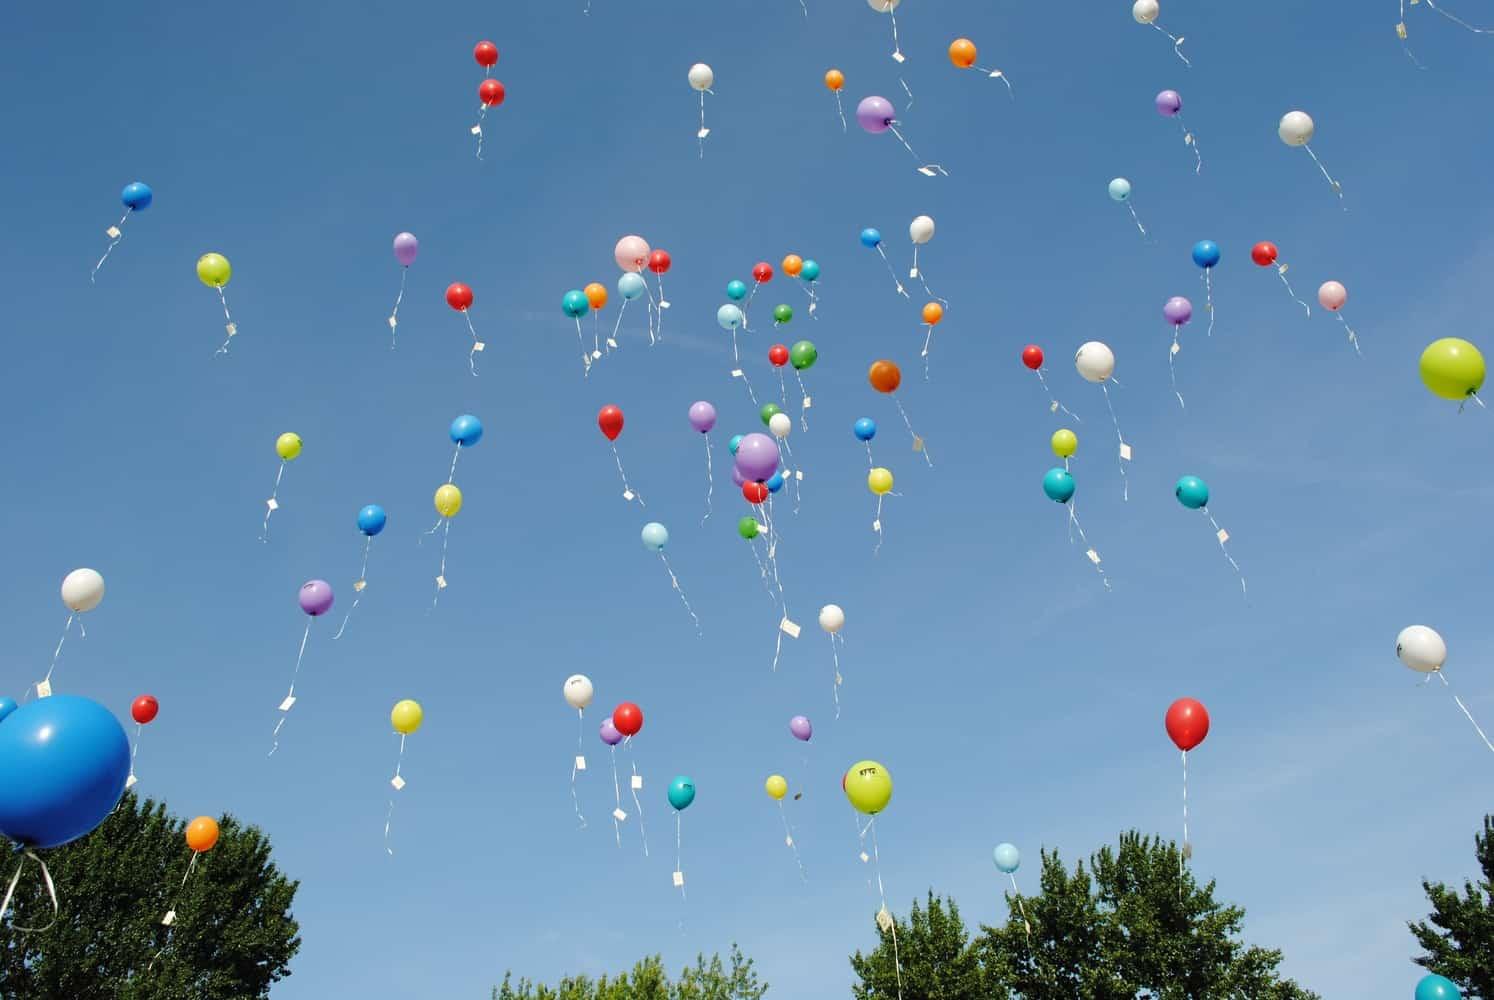 飛び上がる色とりどりの風船